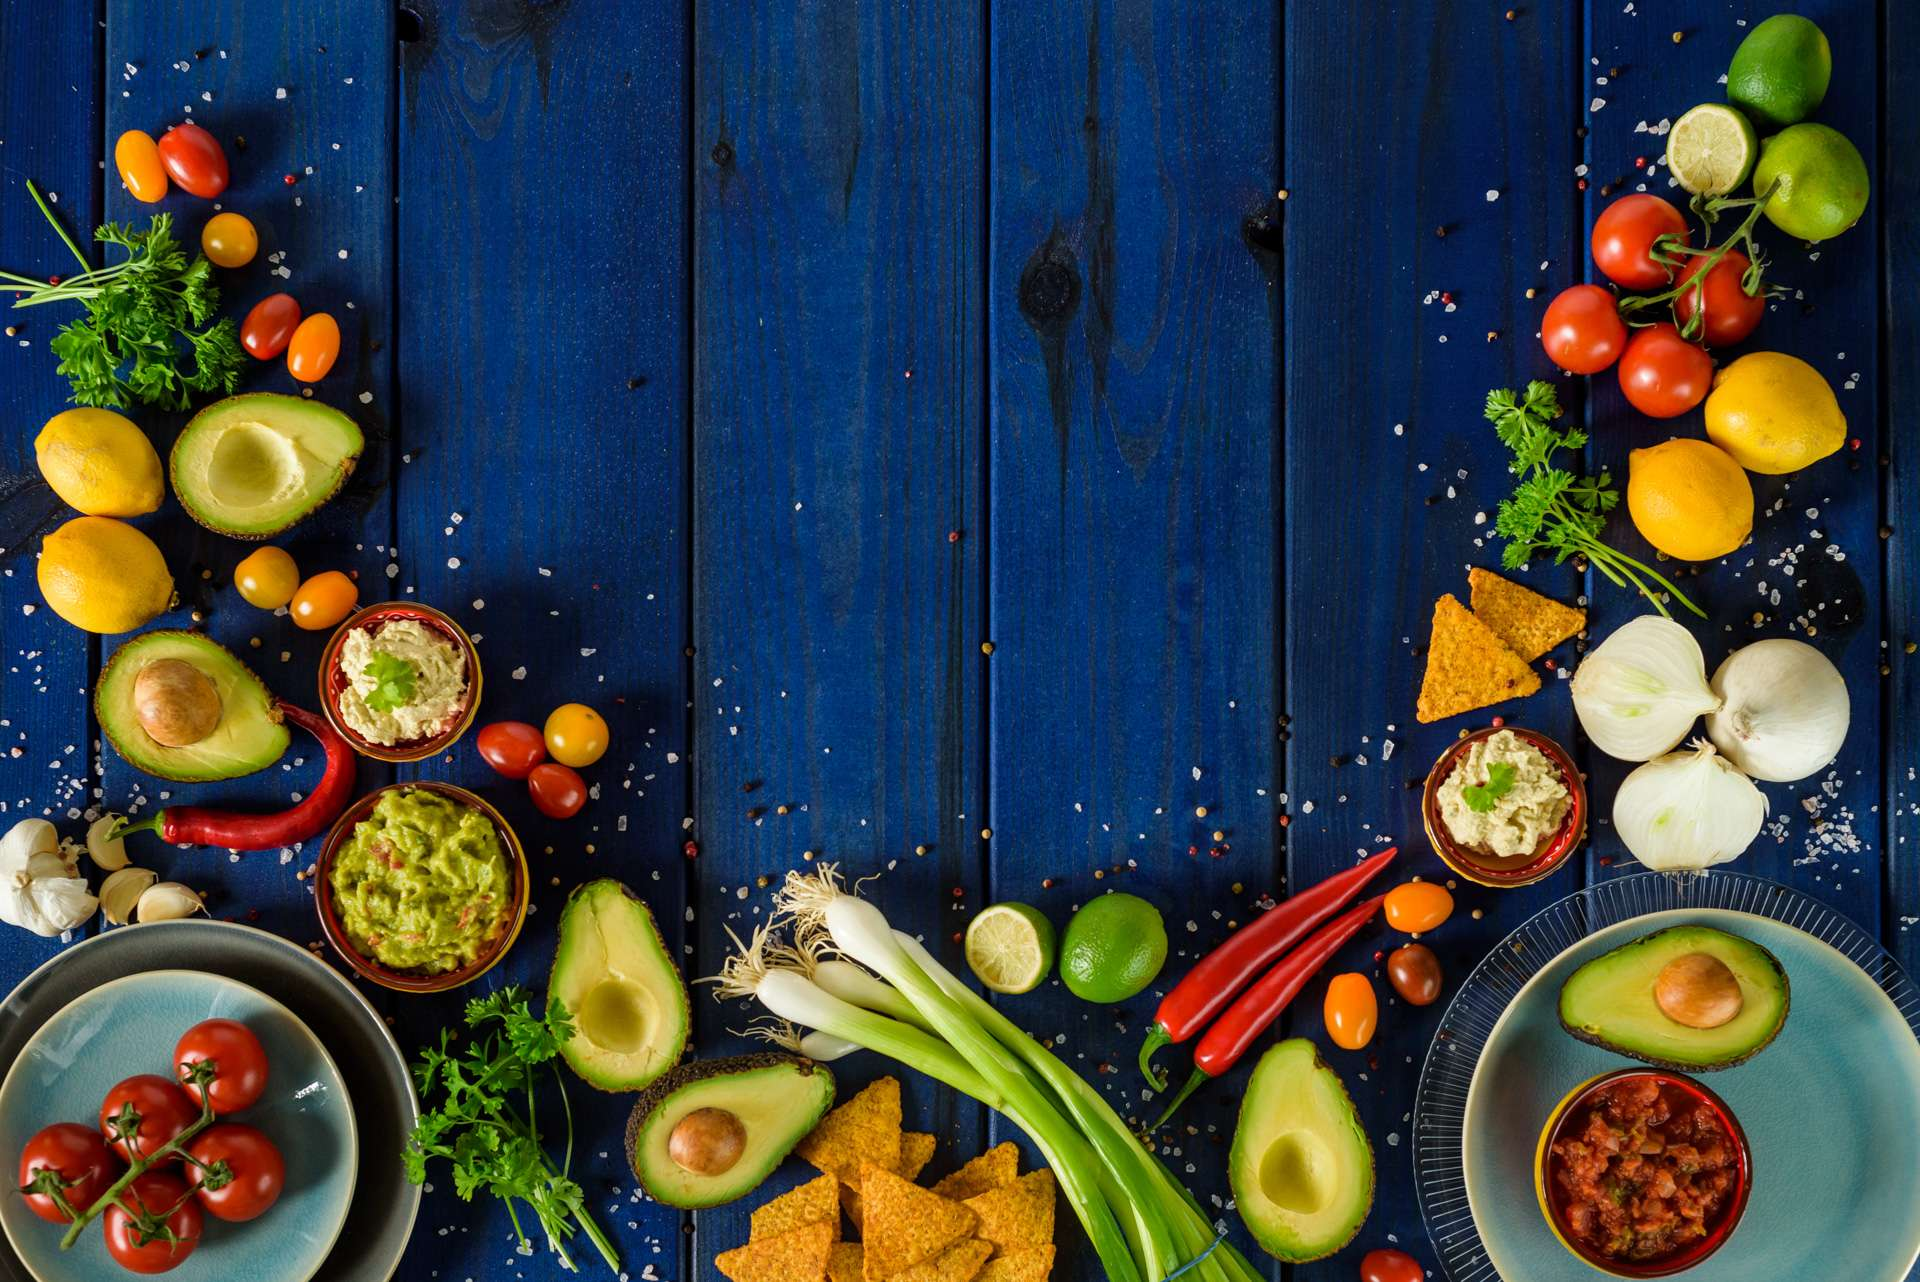 Foodfotografie LazyFood